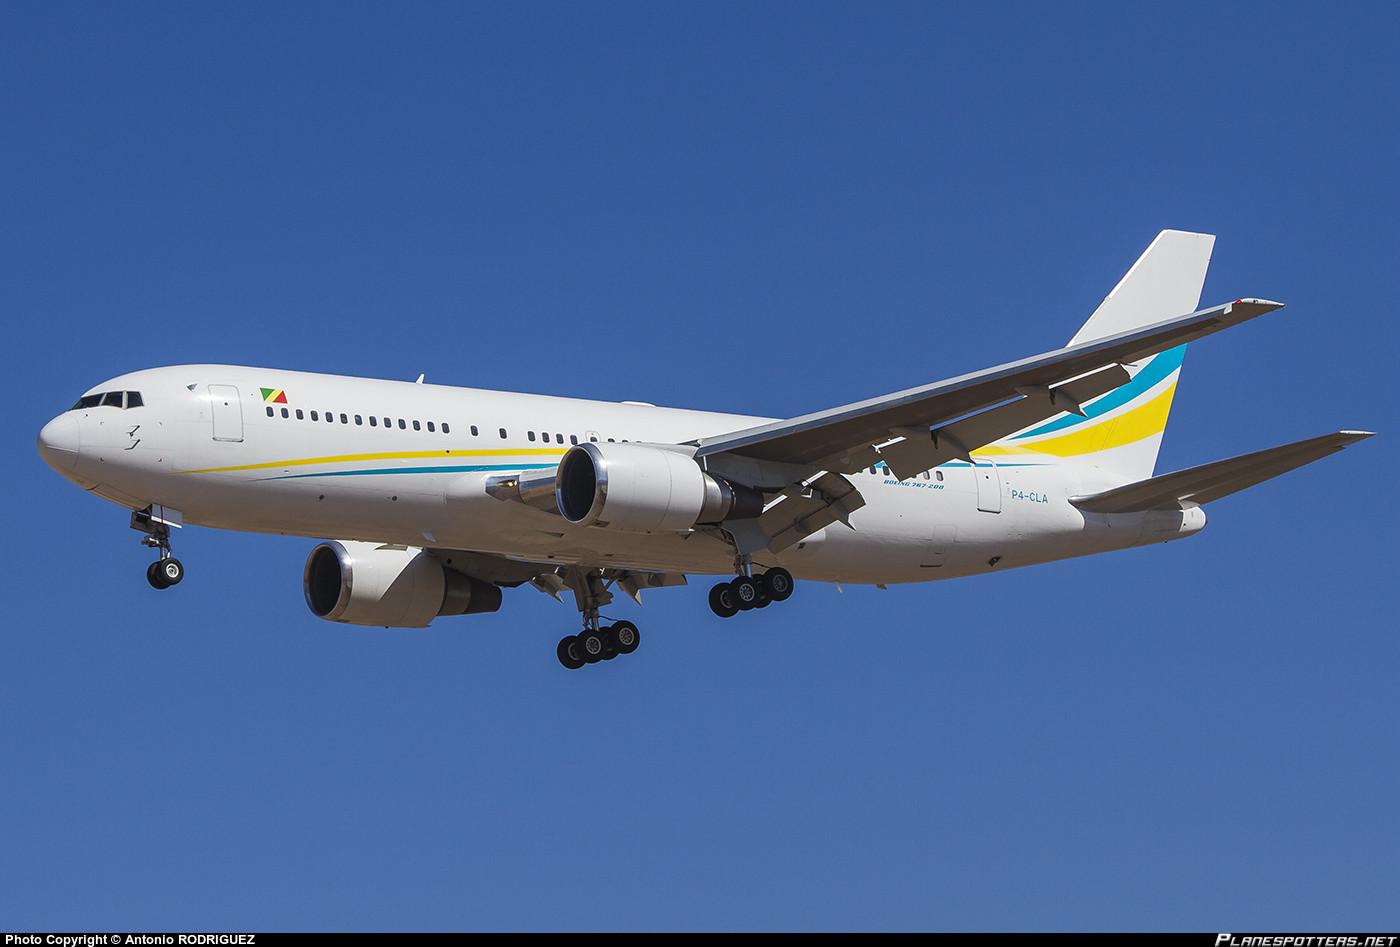 Боливия. Для перевозки президента и членов правительства ВВС Боливии эксплуатирует самолёты Dassault